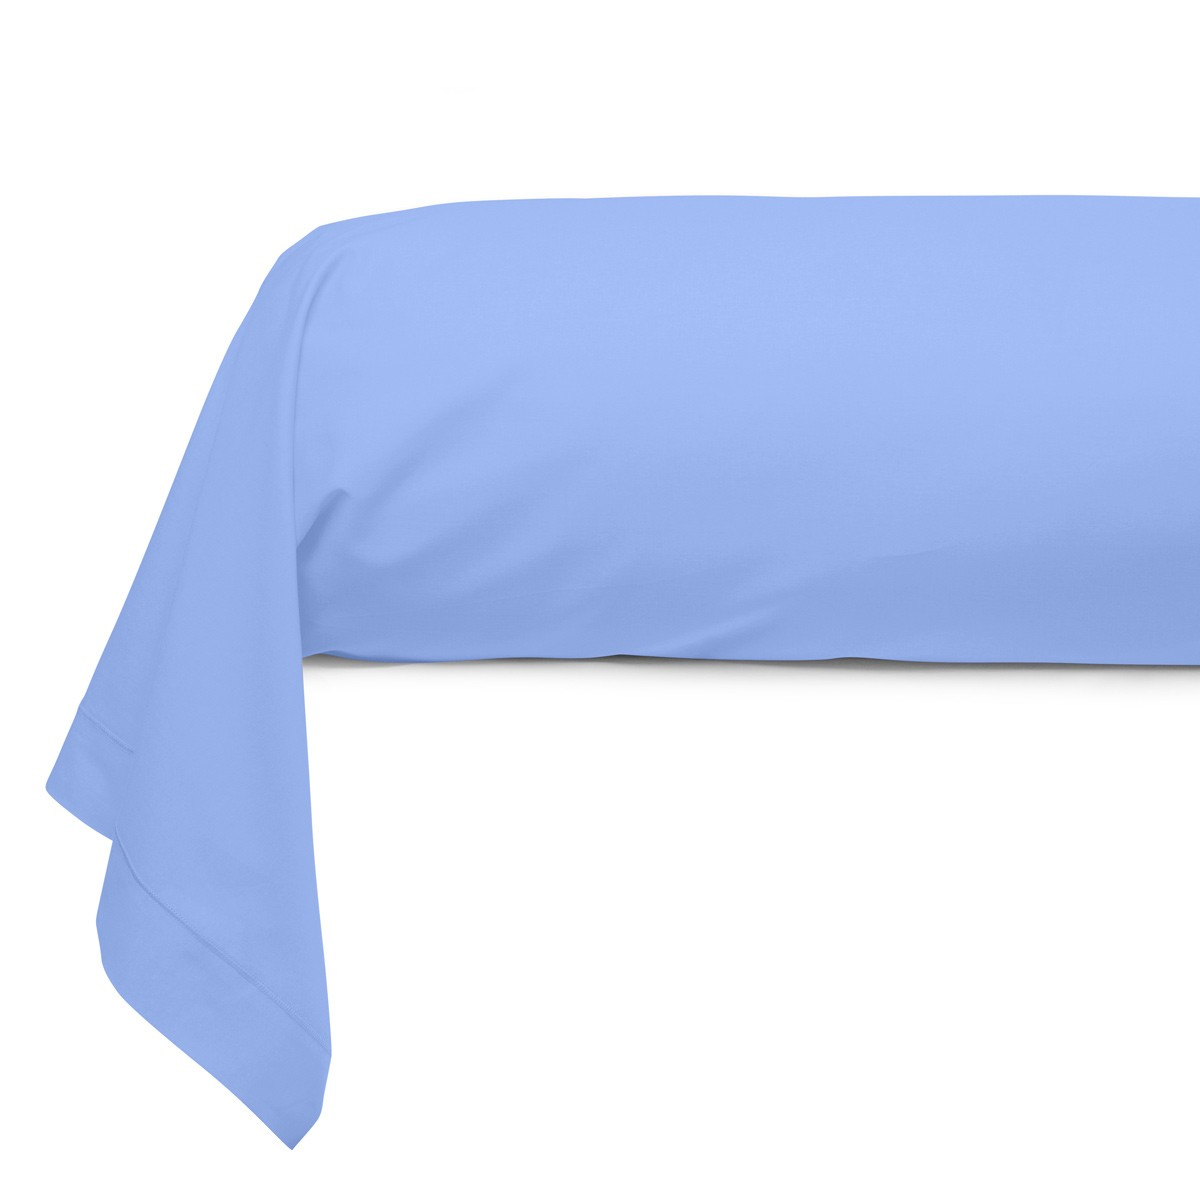 taie traversin unie coton linge des vosges tradition des vosges. Black Bedroom Furniture Sets. Home Design Ideas